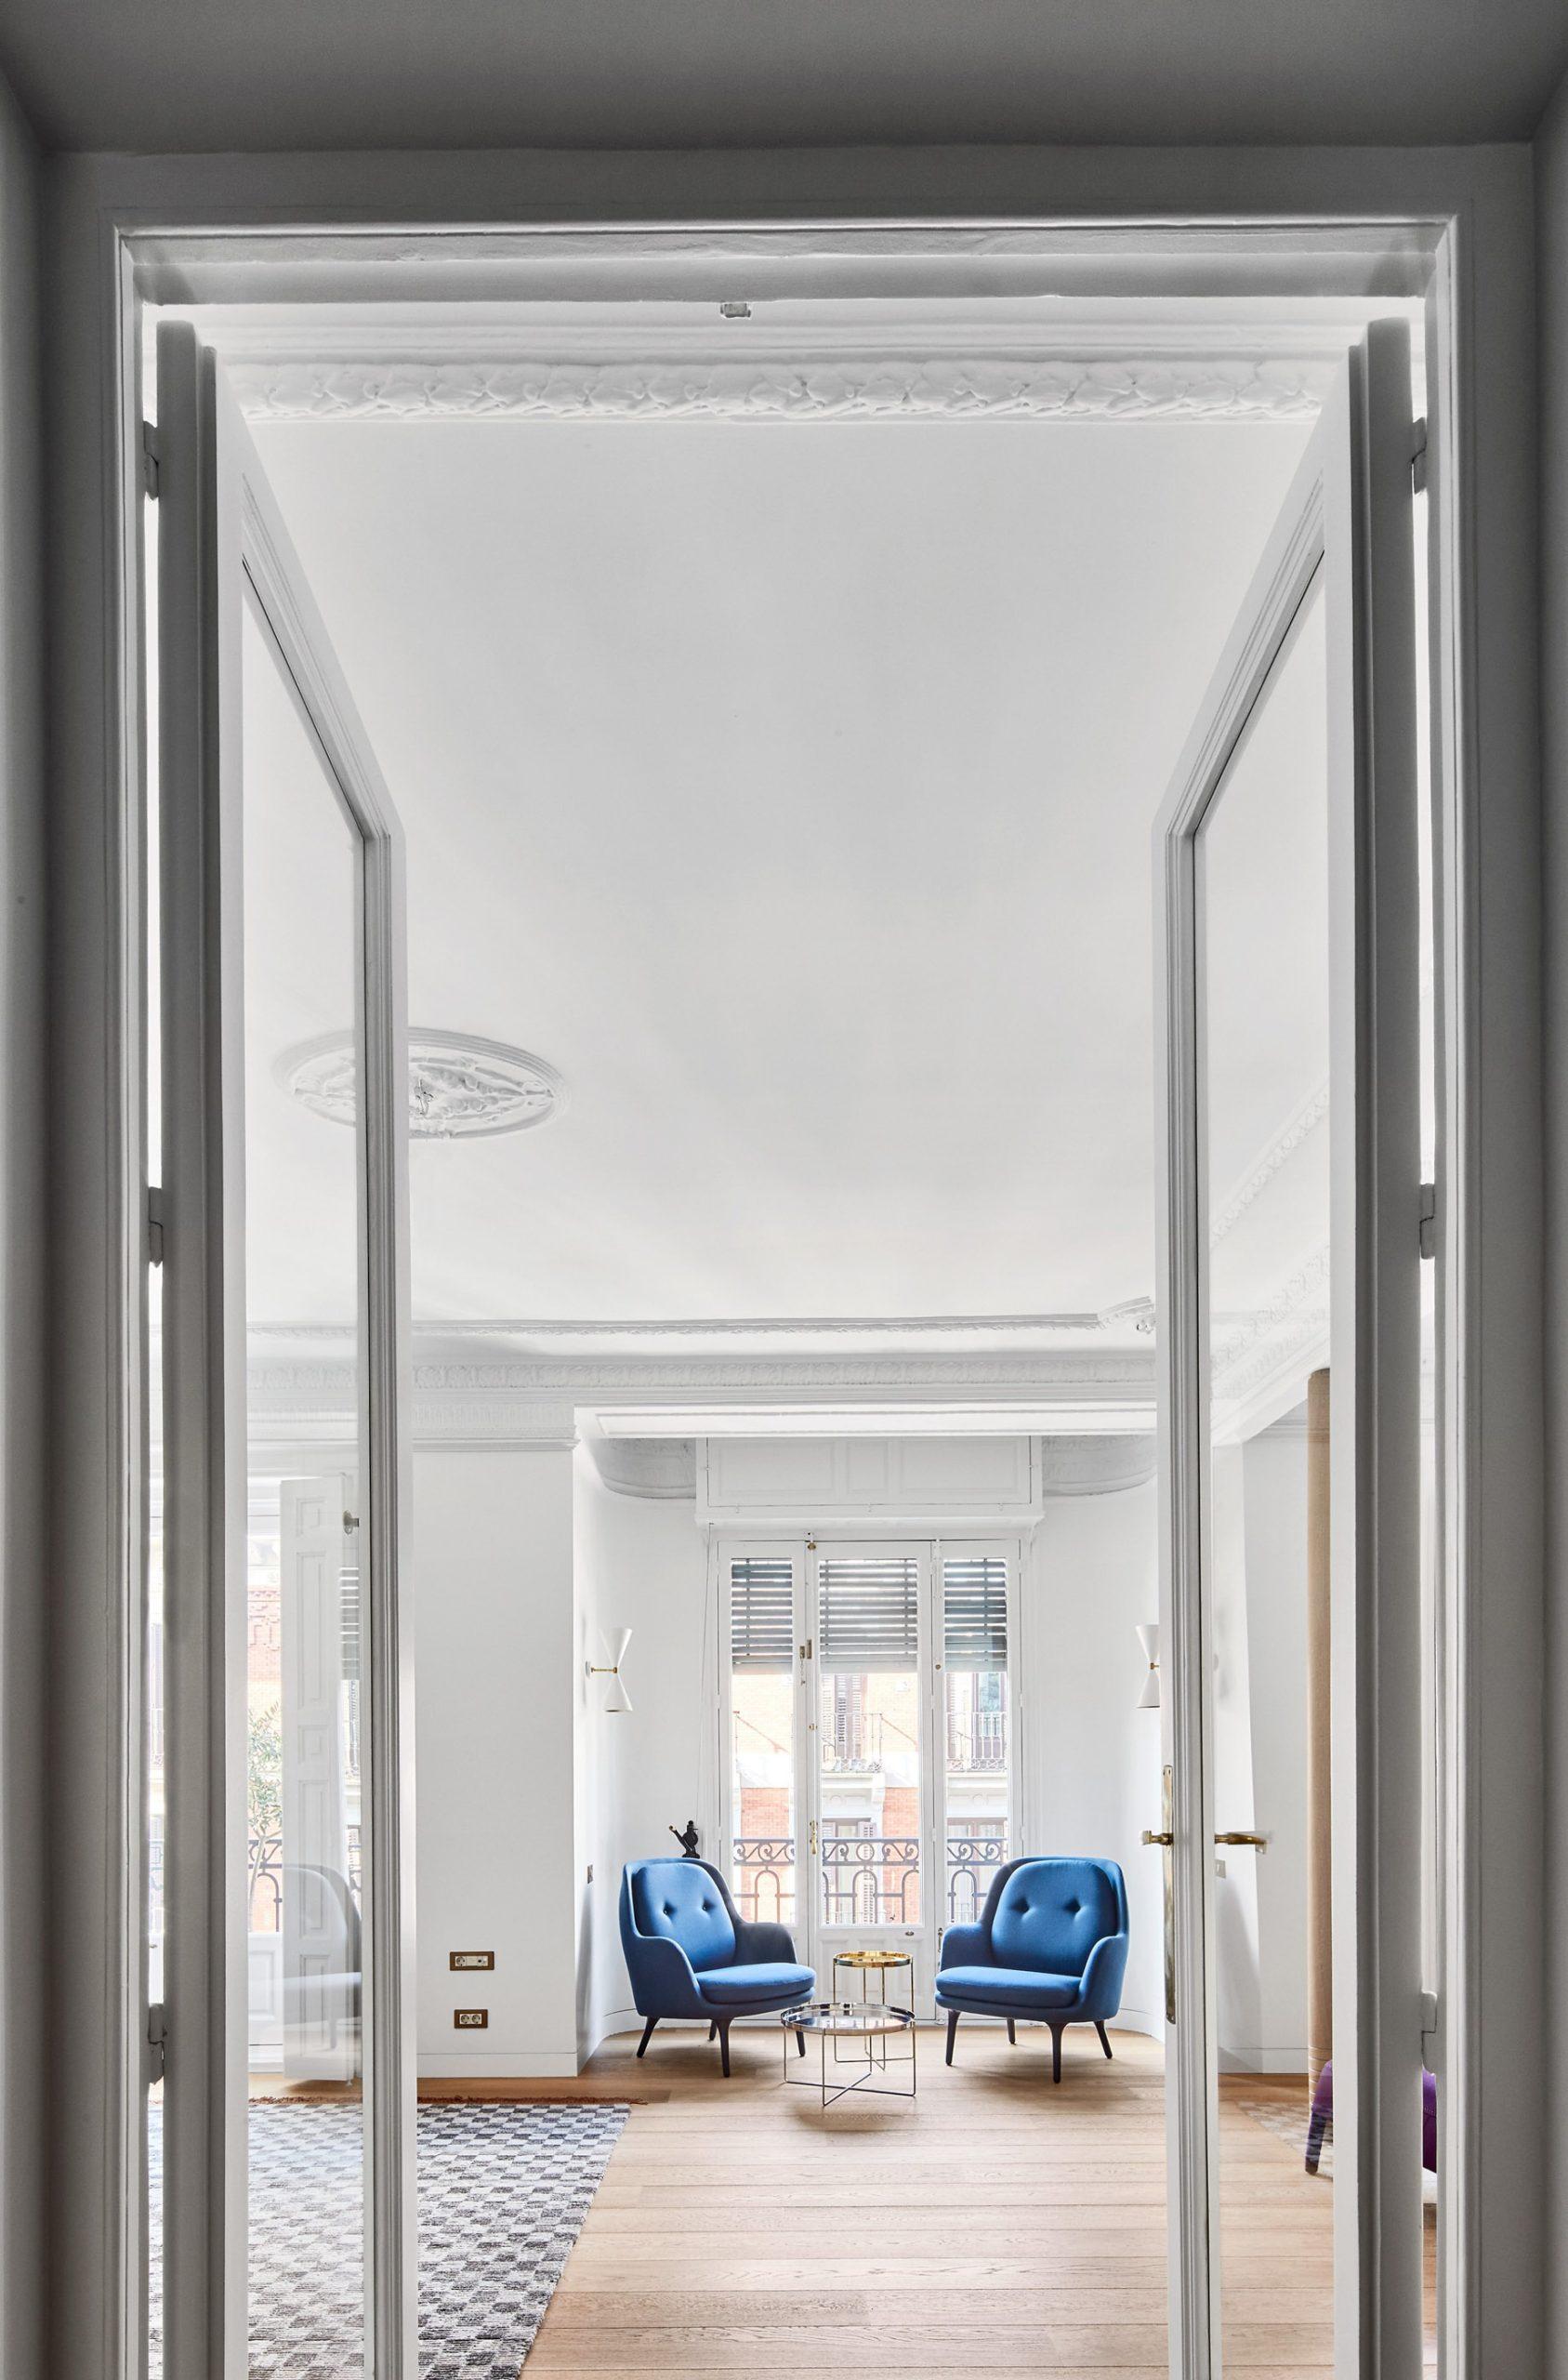 Casa NB8 Interior Barrio de Salamanca, Madrid, Spain – Lucas y Hernandez-Gil